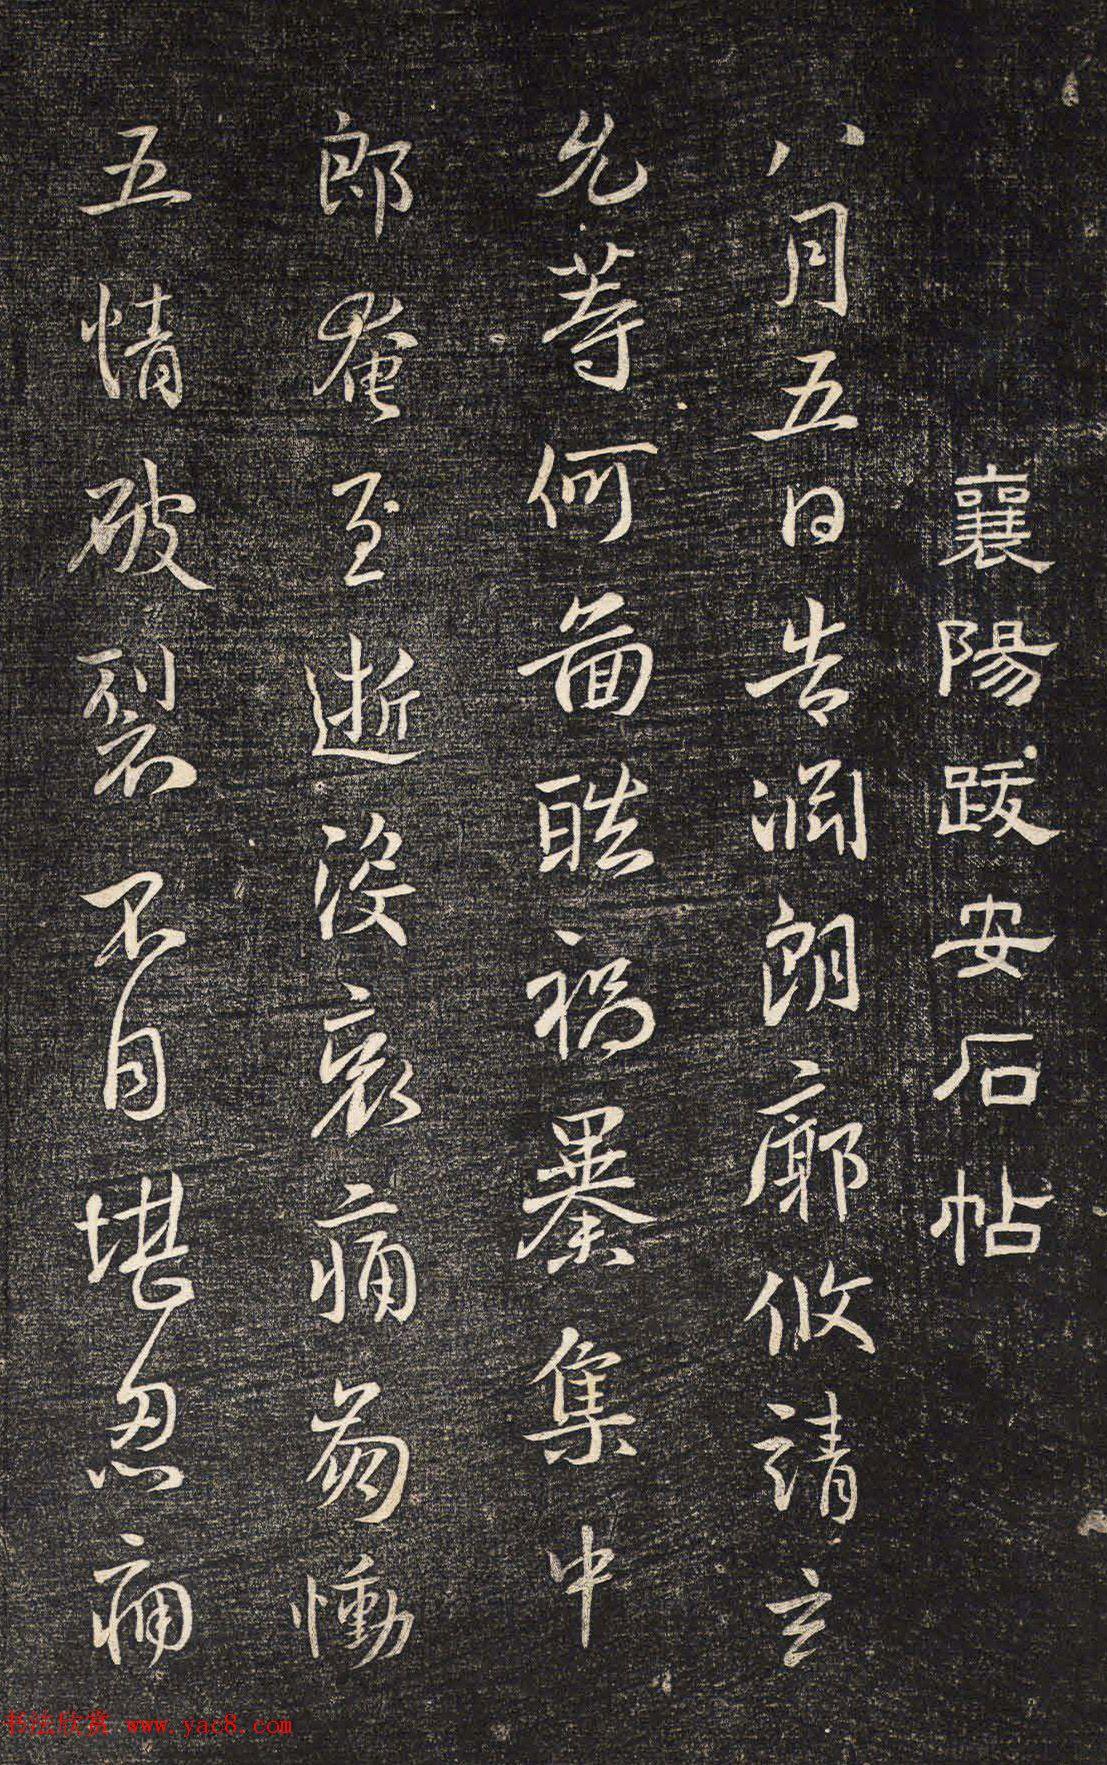 米芾书法拓本《襄阳跋安石帖》